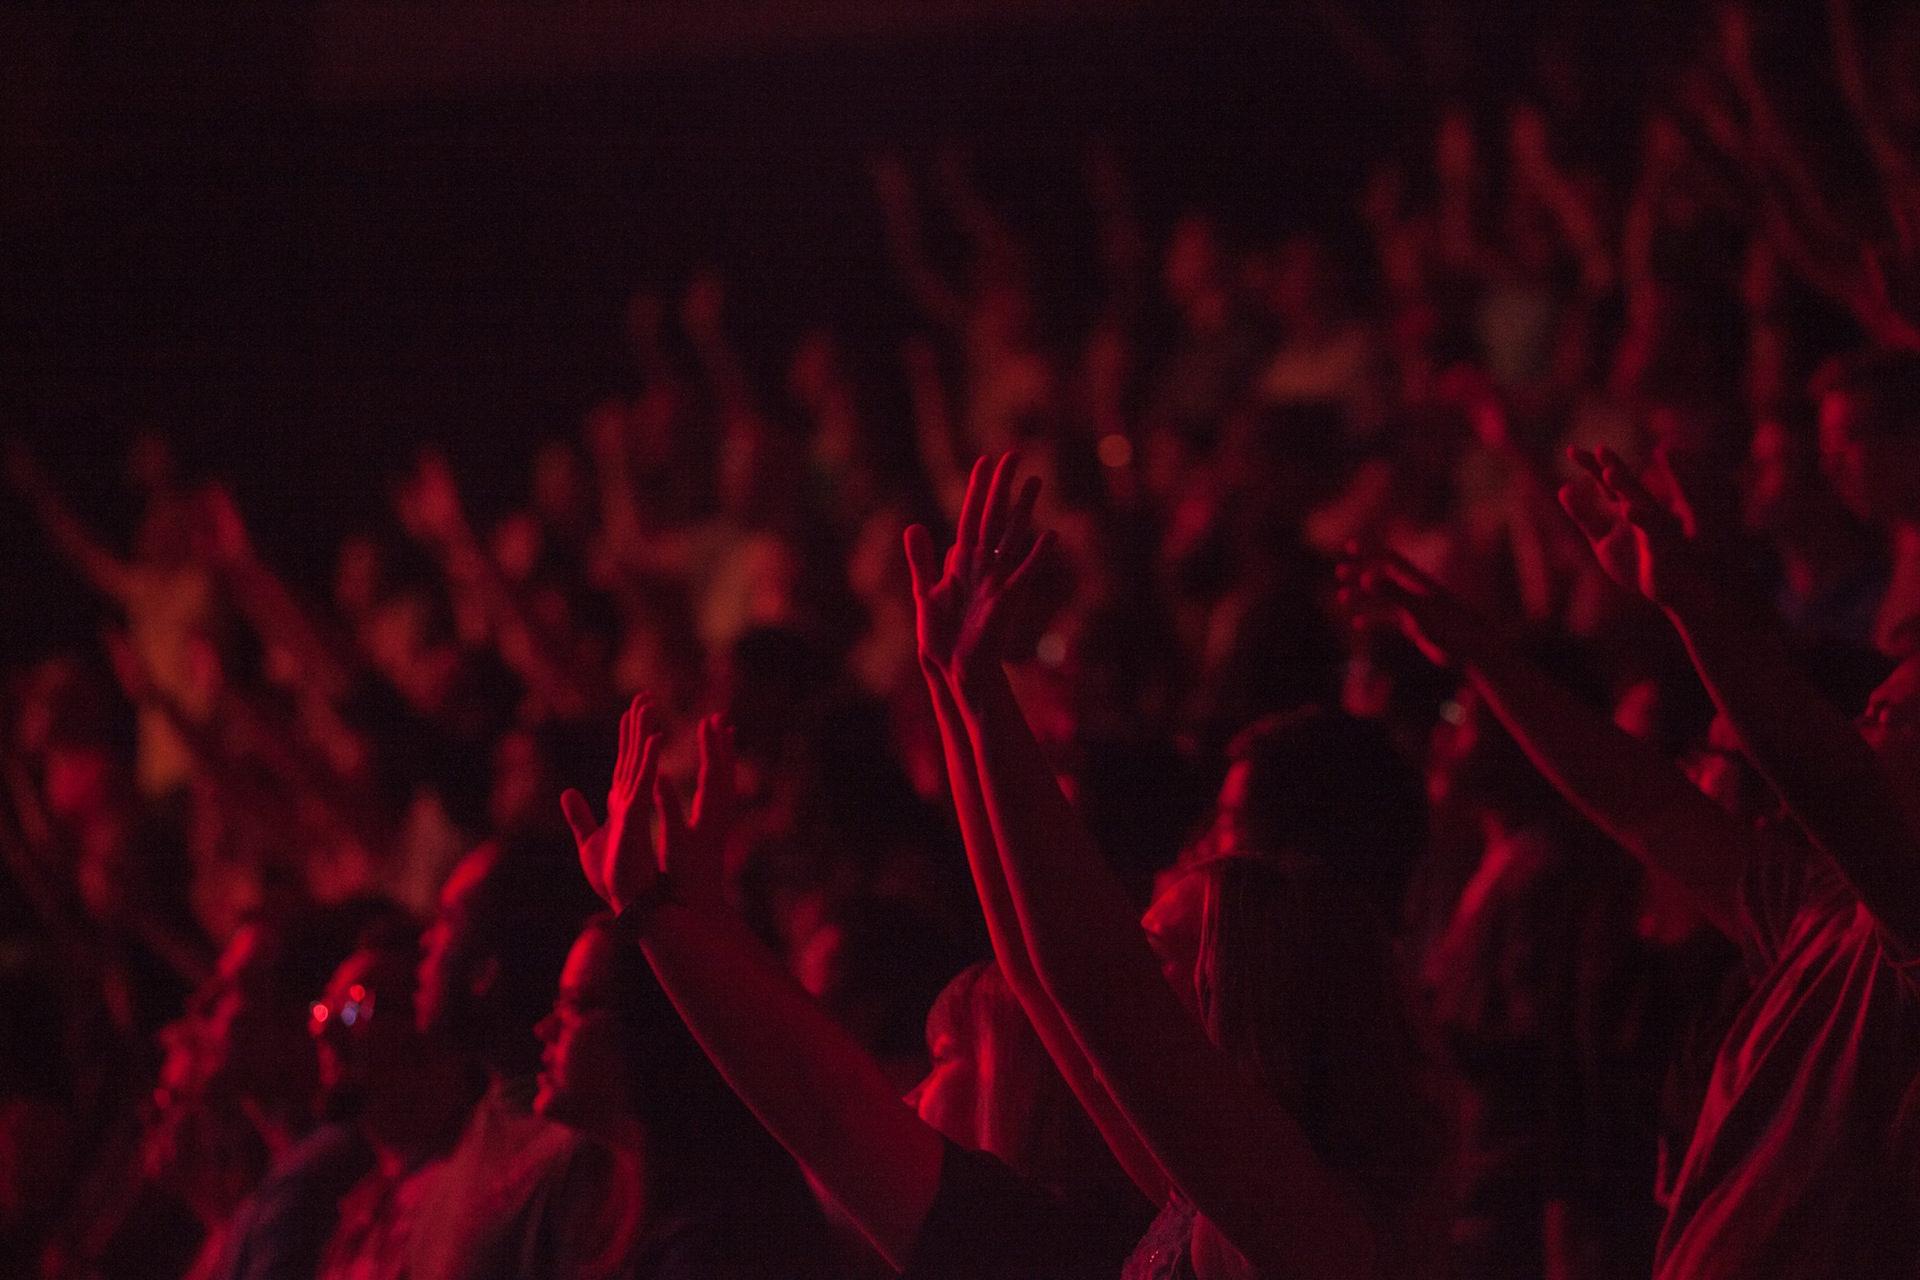 संगीत कार्यक्रम, संगीत, दिखाएँ, espectadores, लाल - HD वॉलपेपर - प्रोफेसर-falken.com